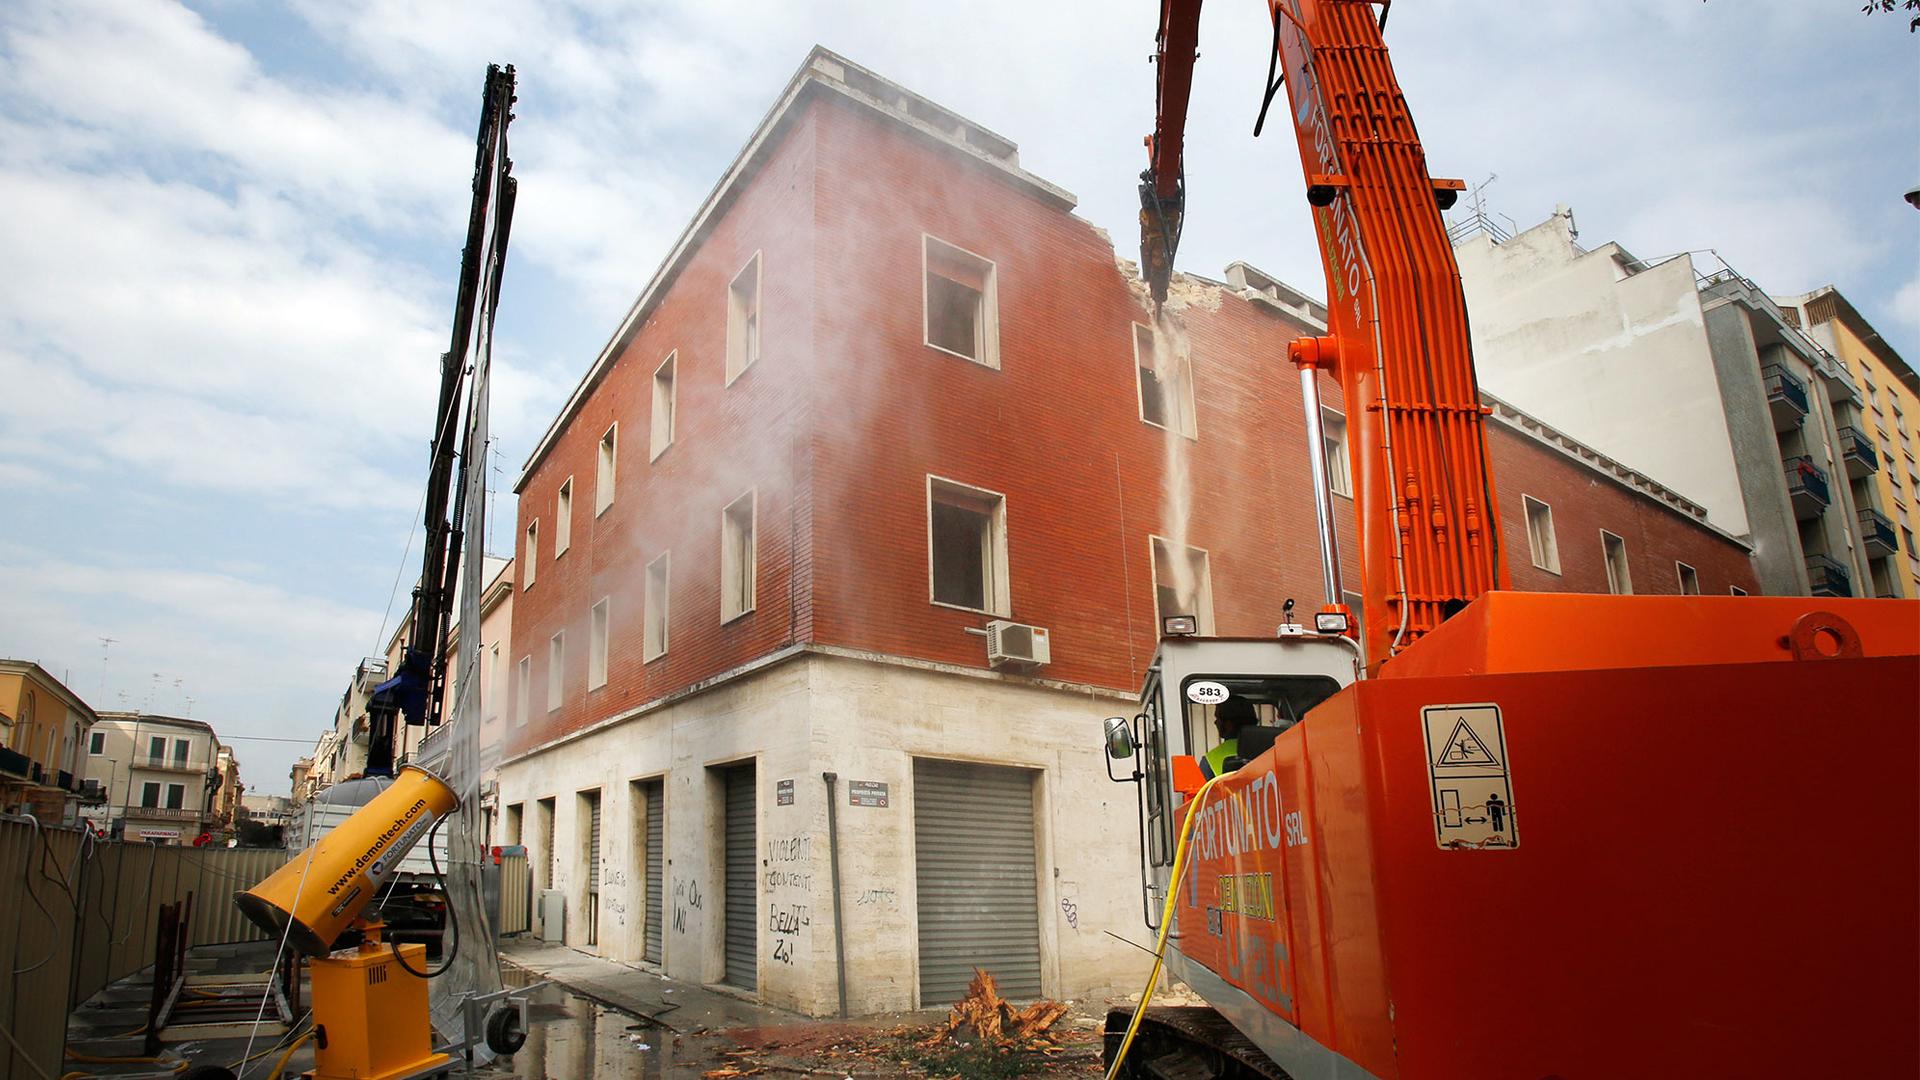 Le tecniche di demolizione edilizia